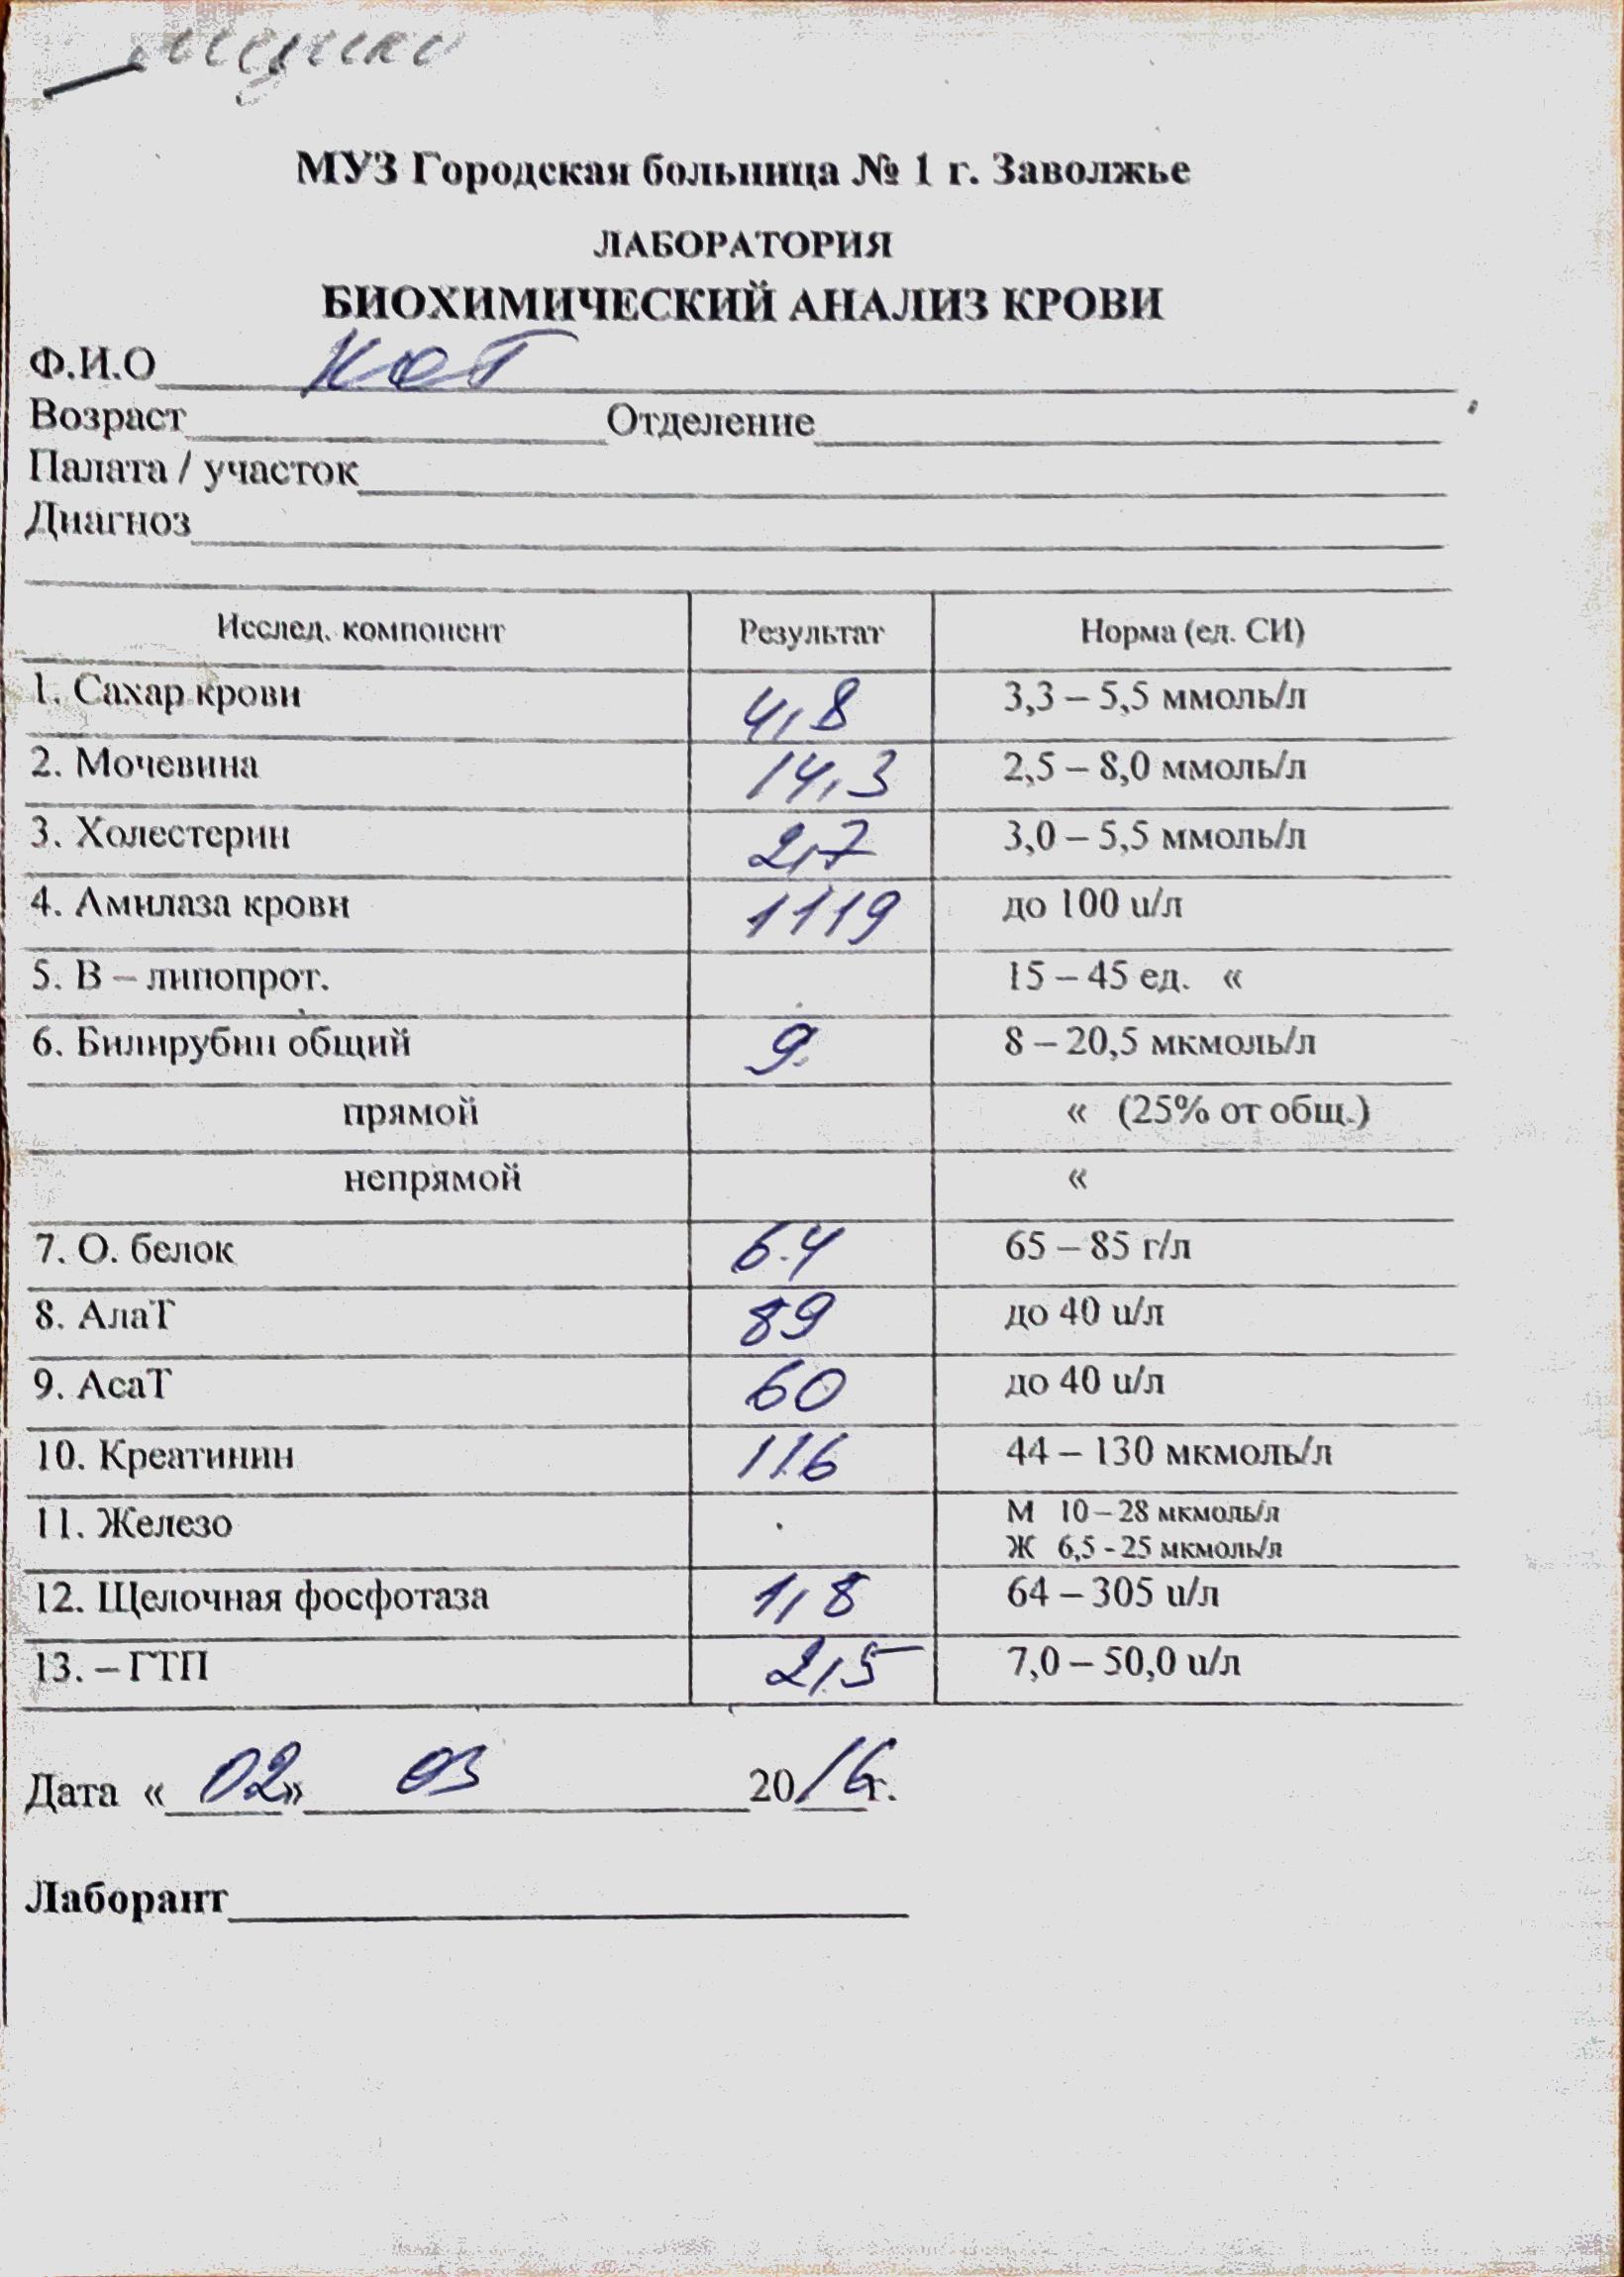 Общий анализ крови - свидетель нарушений в организме 95